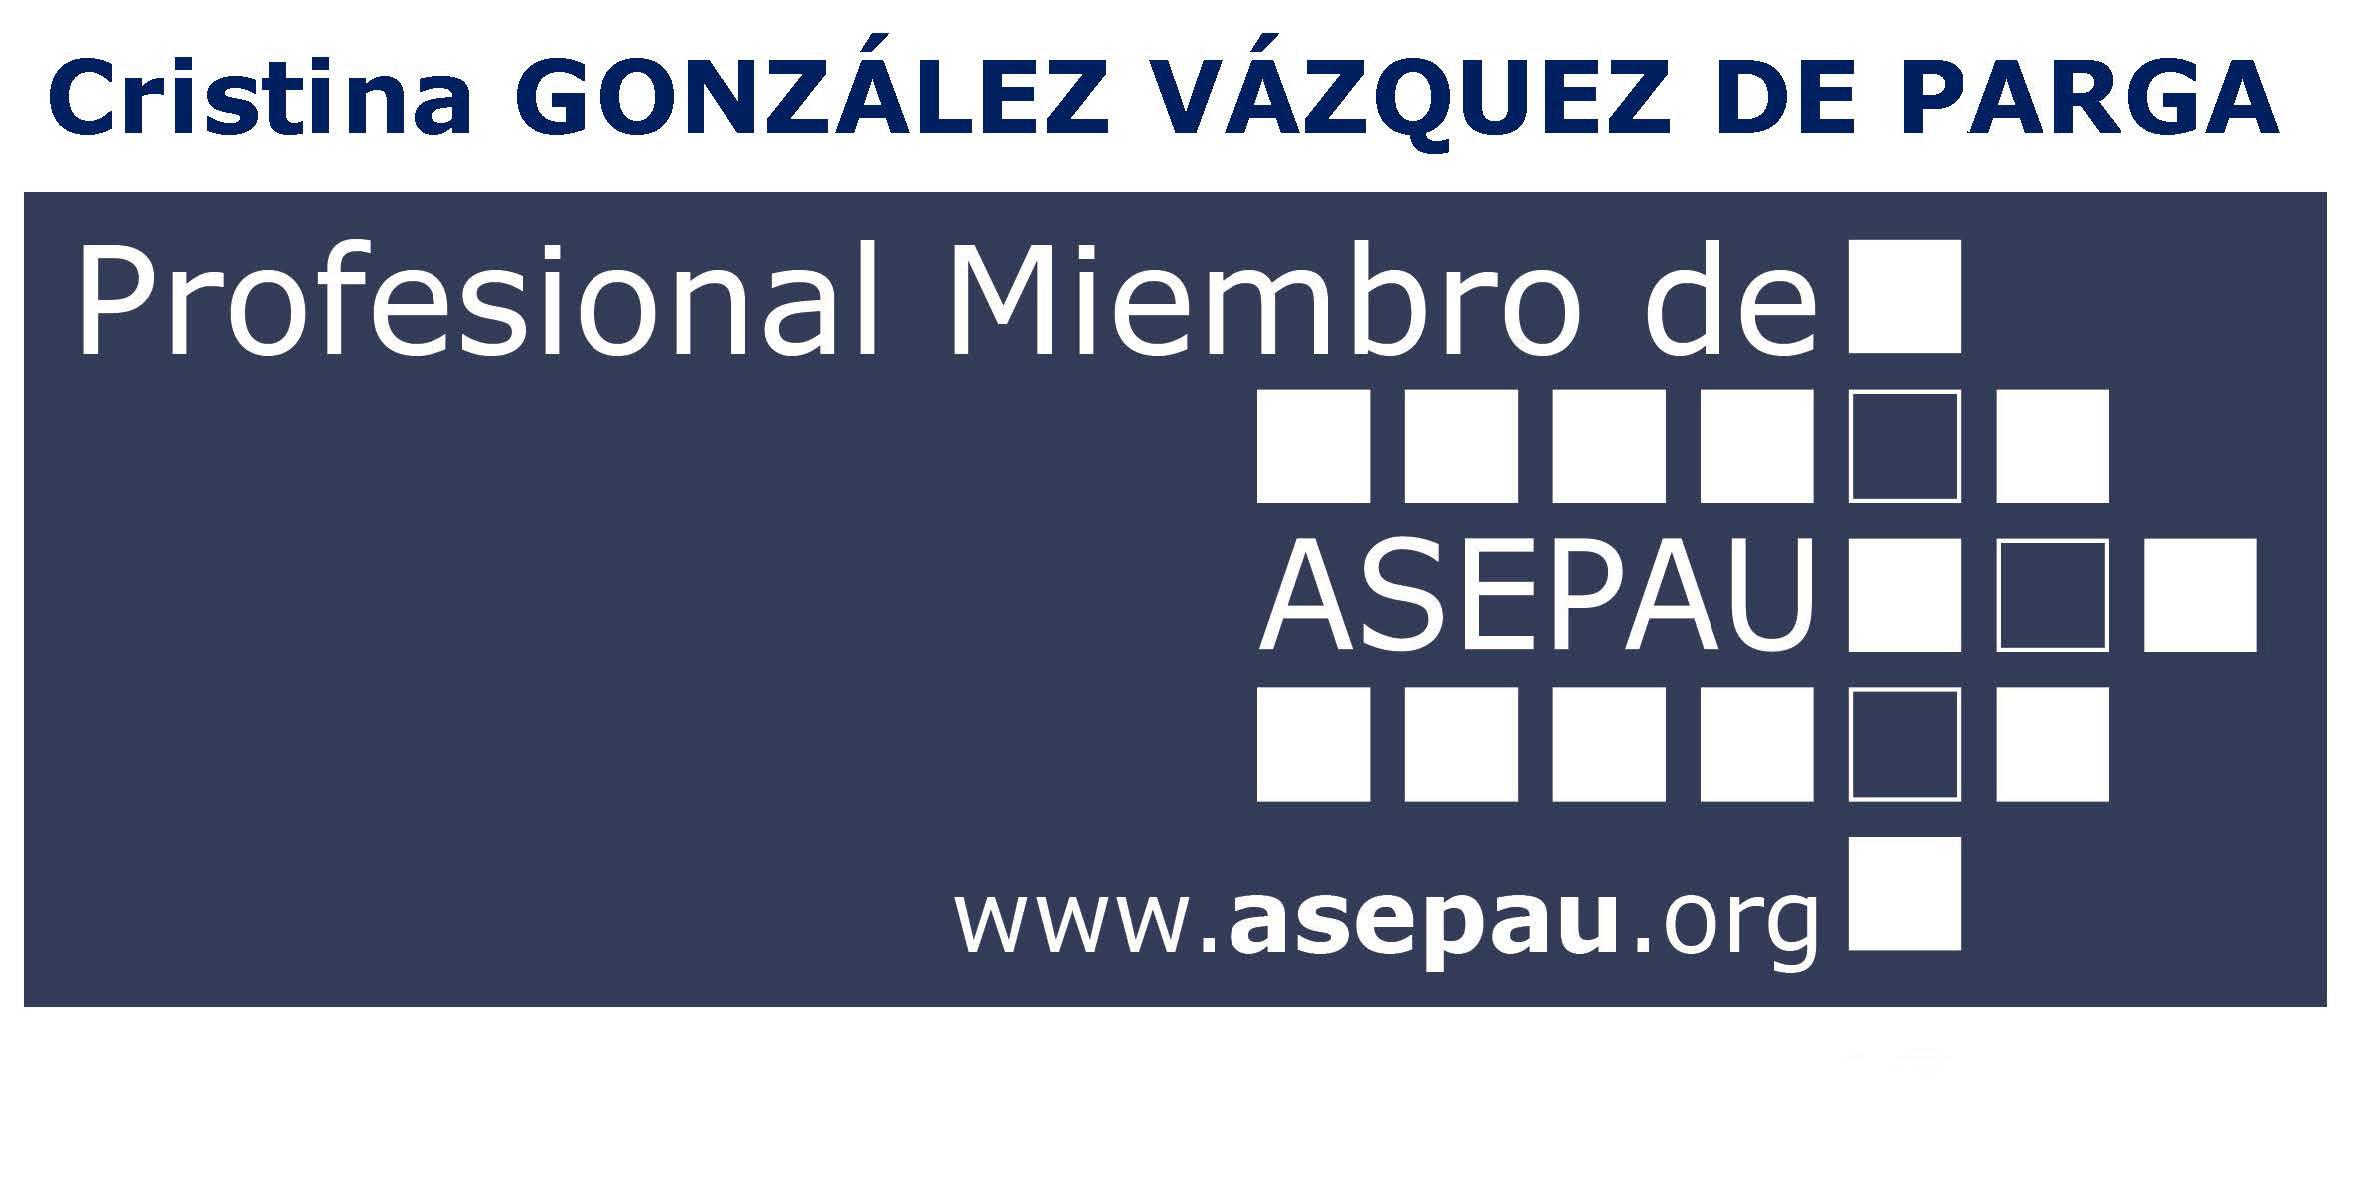 Logo Profesional Miembro de ASEPAU